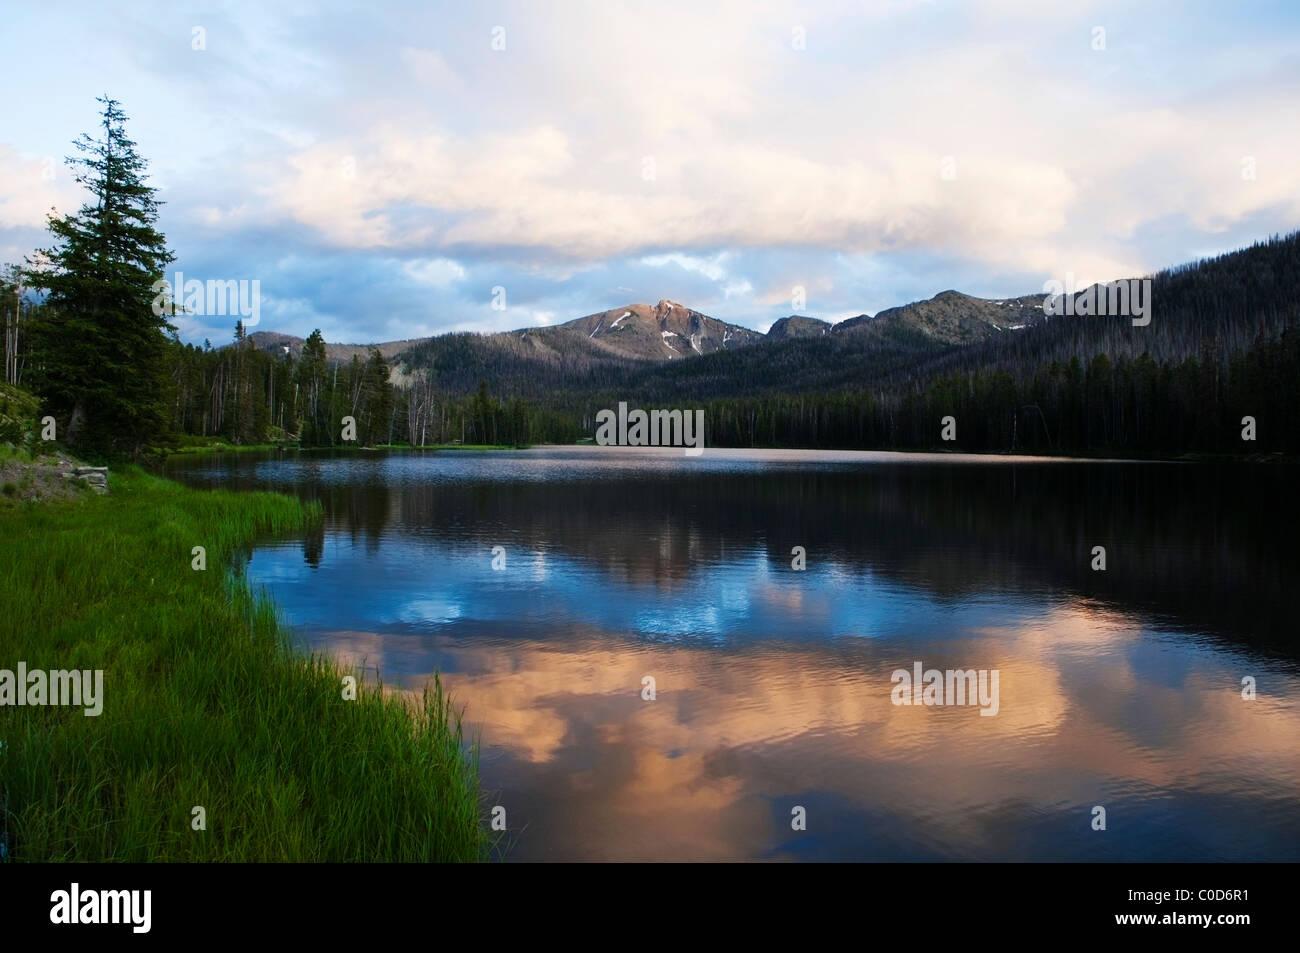 Paisaje con nubes, montañas y reflexión tomada en el Parque Nacional Yellowstone, Wyoming, Estados Unidos. Imagen De Stock